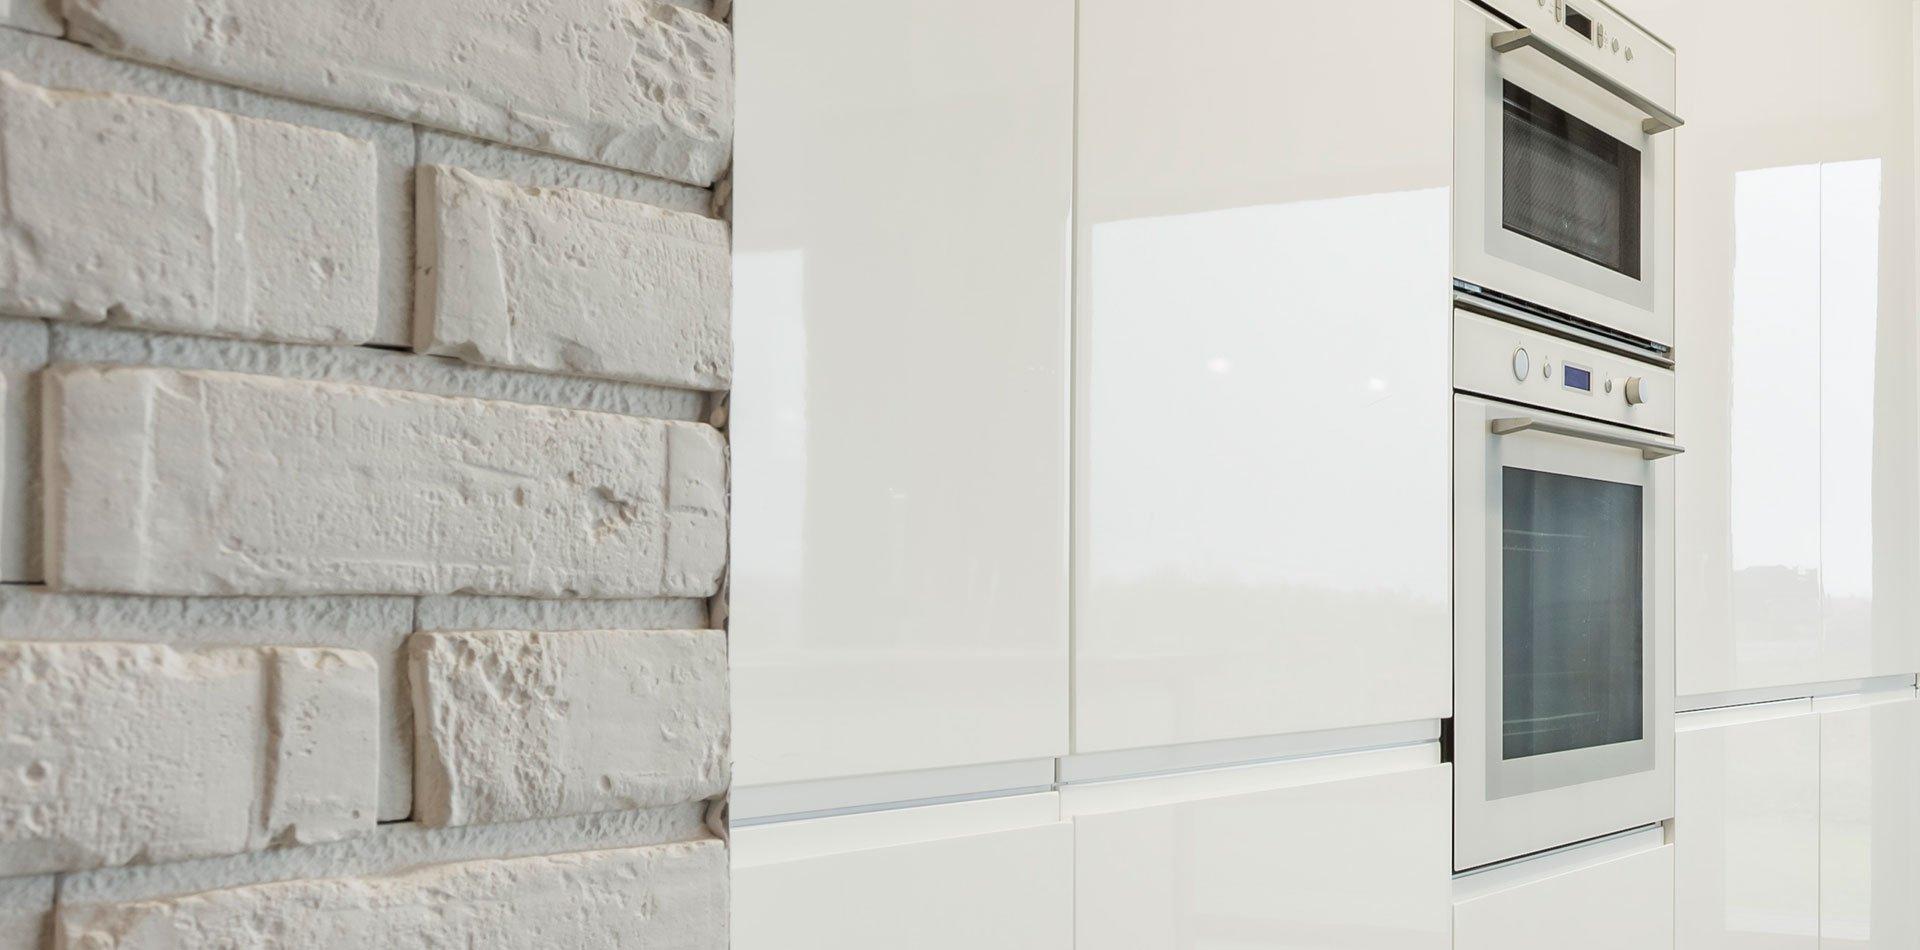 Cucina in vetro: Vitro